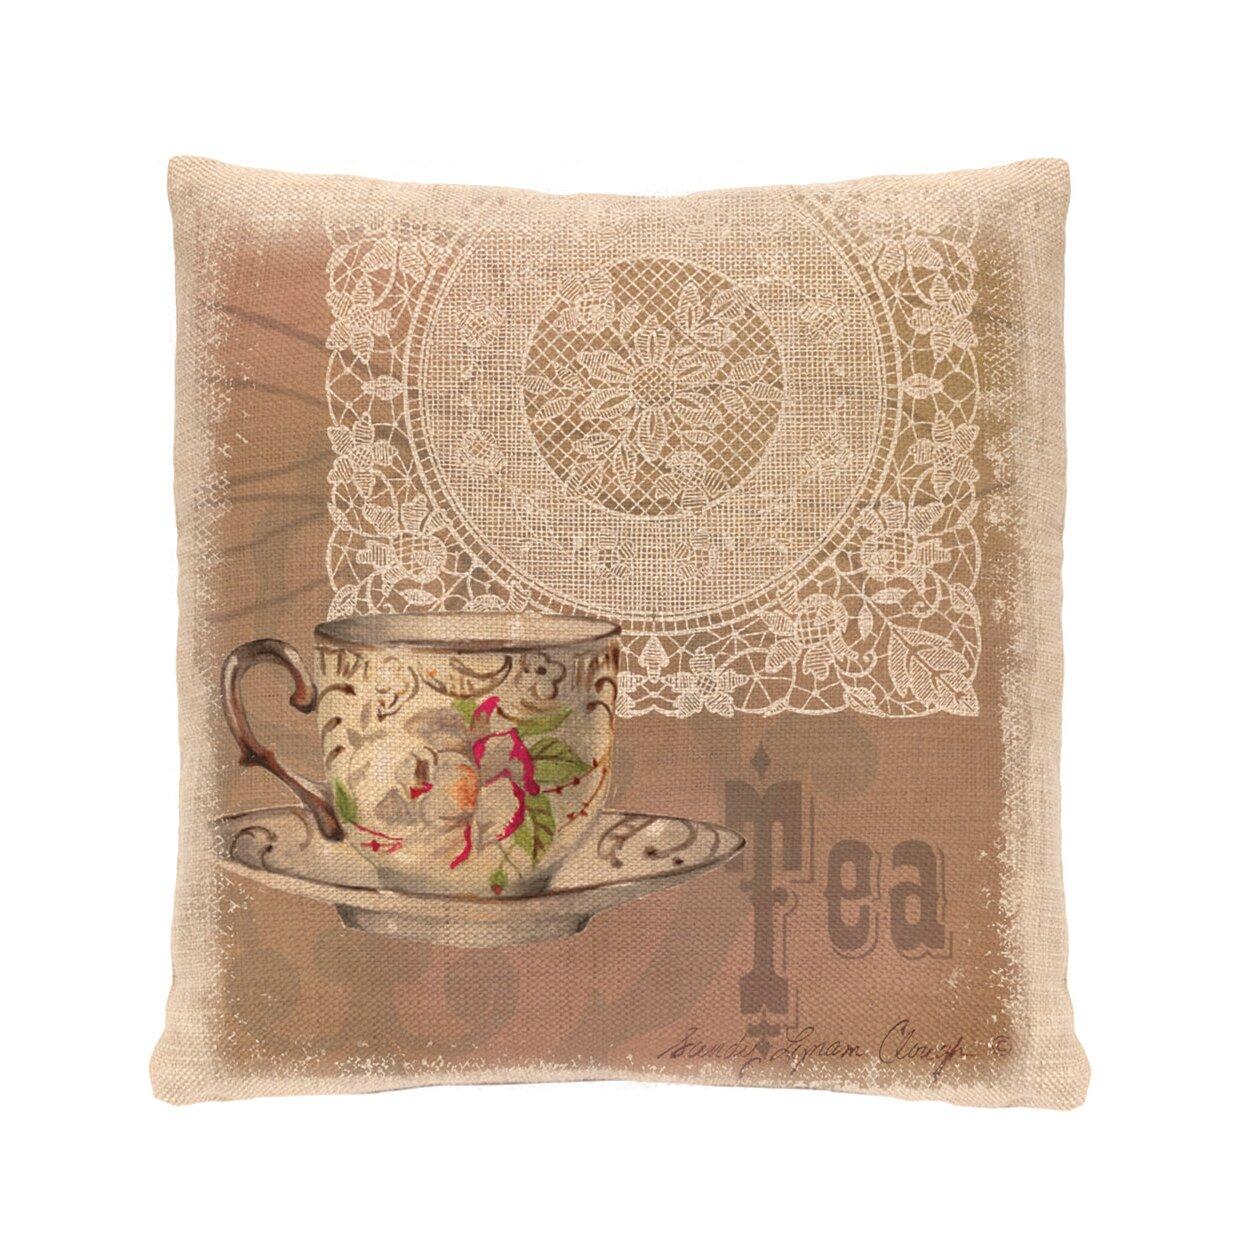 Cream Lace Throw Pillows : Heritage Lace Downton Abbey Cotton Throw Pillow Wayfair